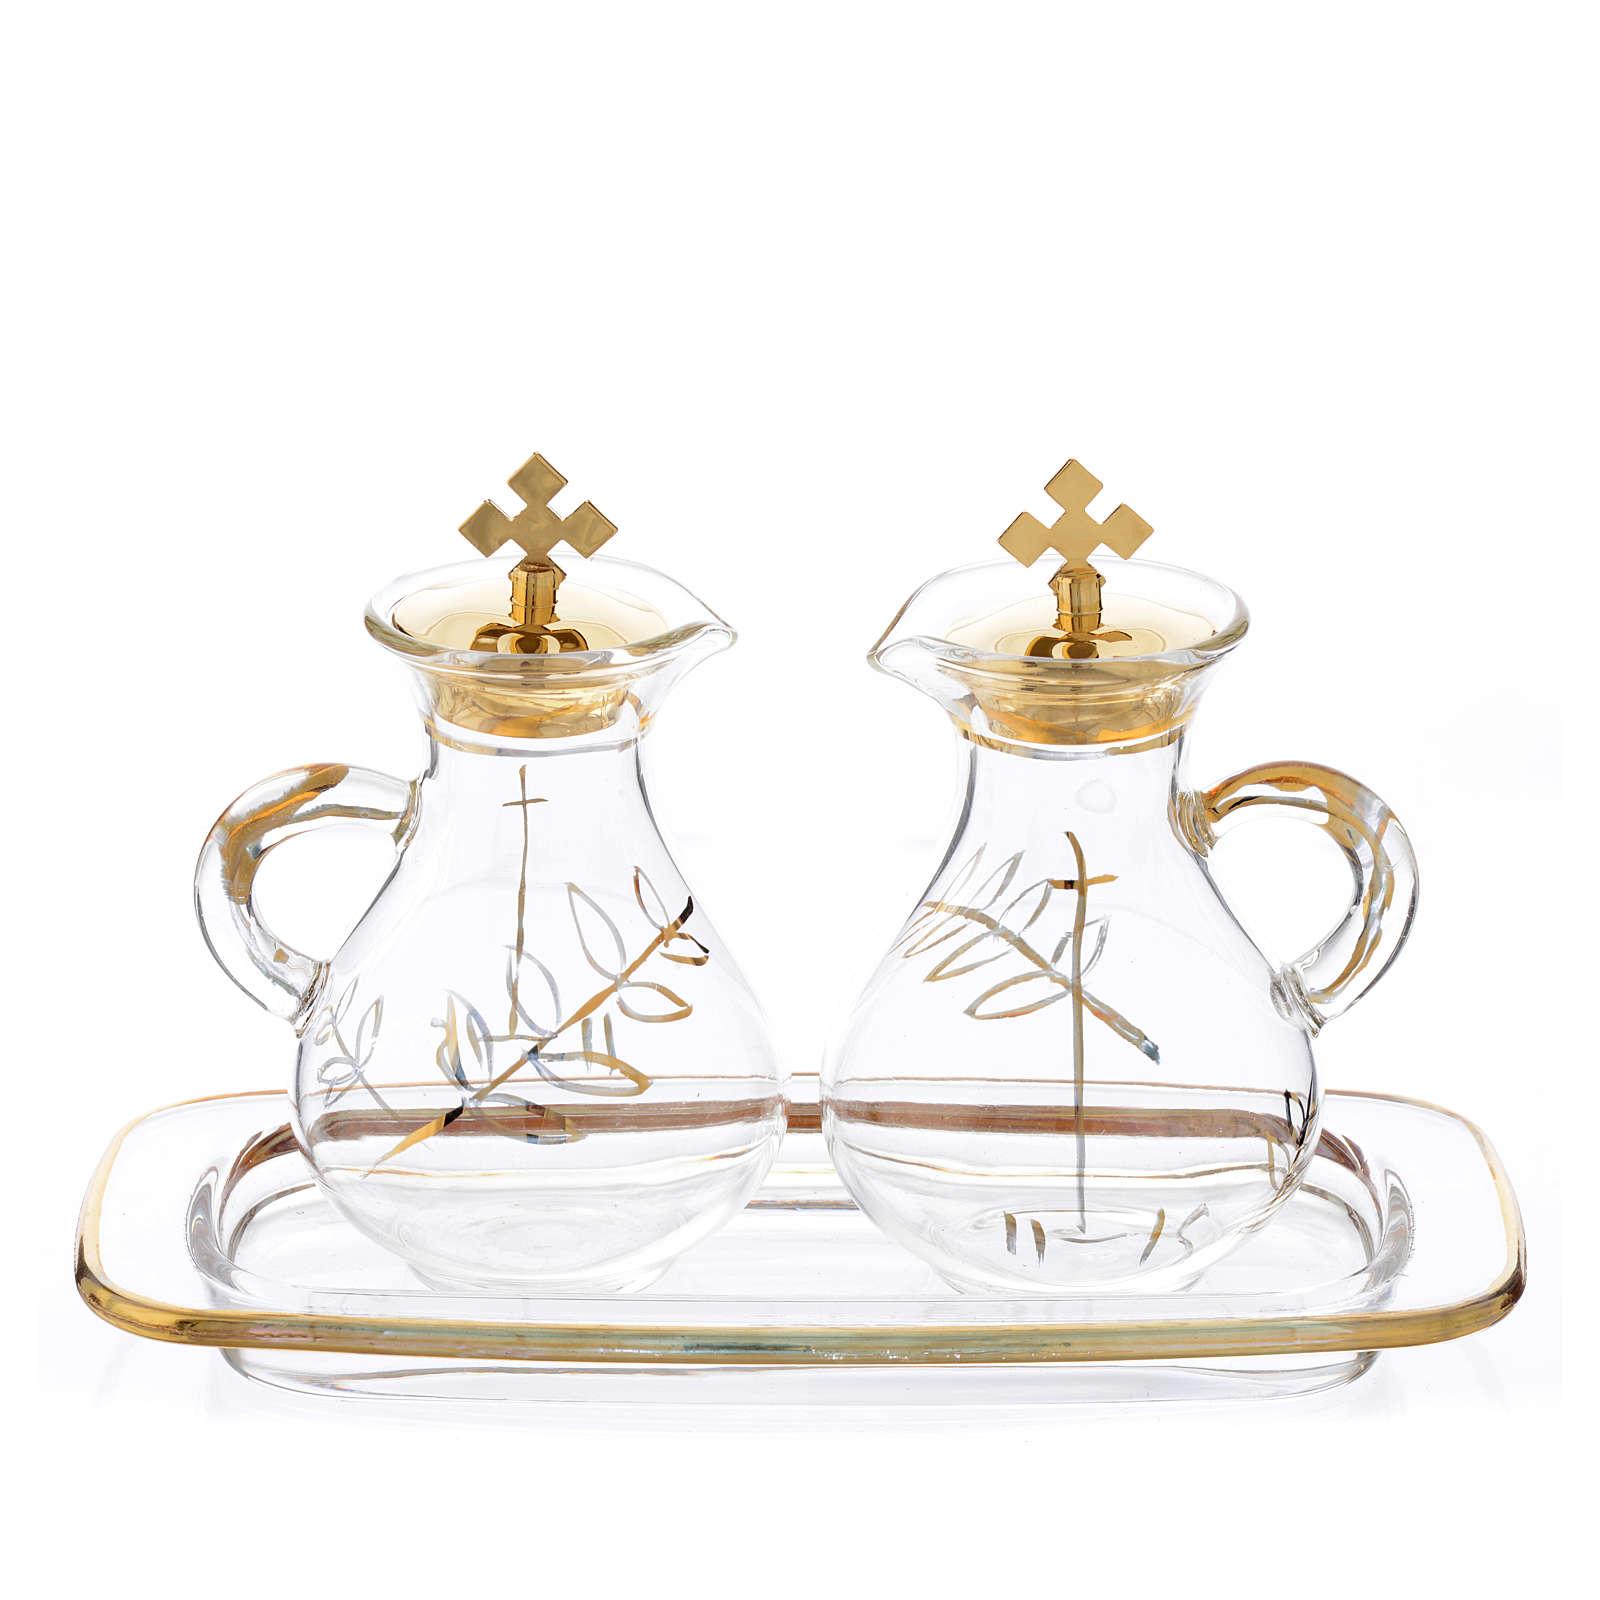 Messkännchen aus Glas mit Golddekor 4